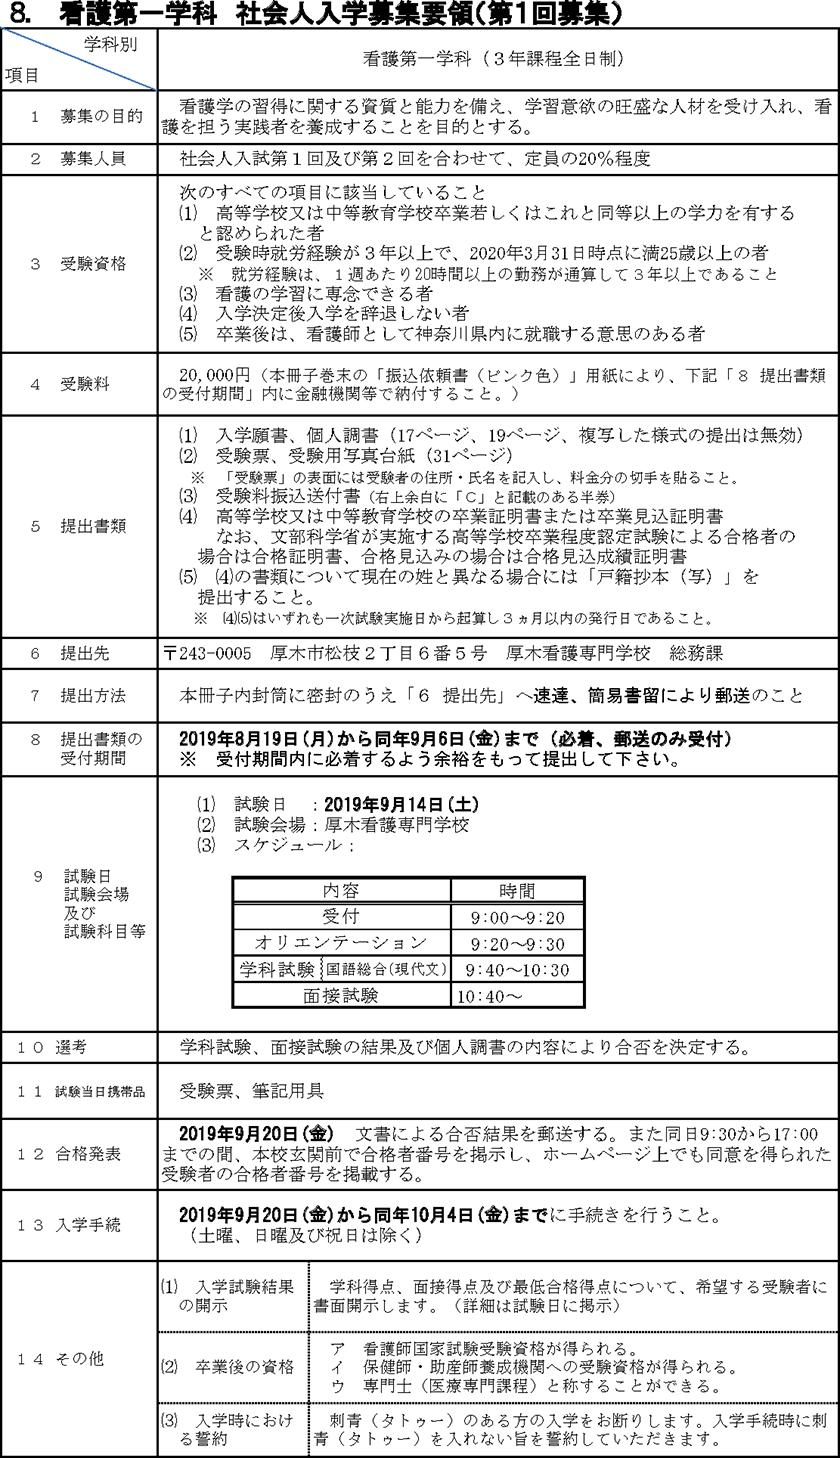 看護第一学科 社会人入学募集要領(第1回募集)